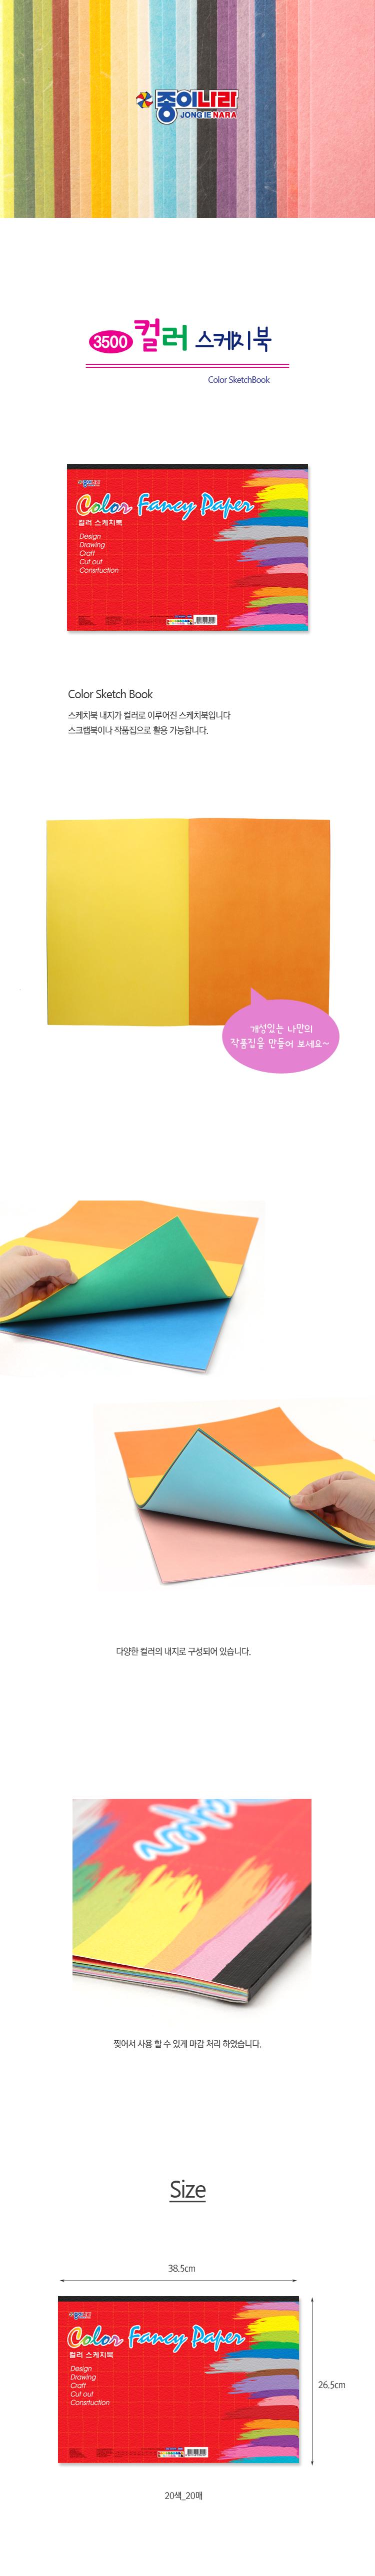 3500 컬러스케치북 - 종이나라, 5,000원, 화방지류, 스케치북